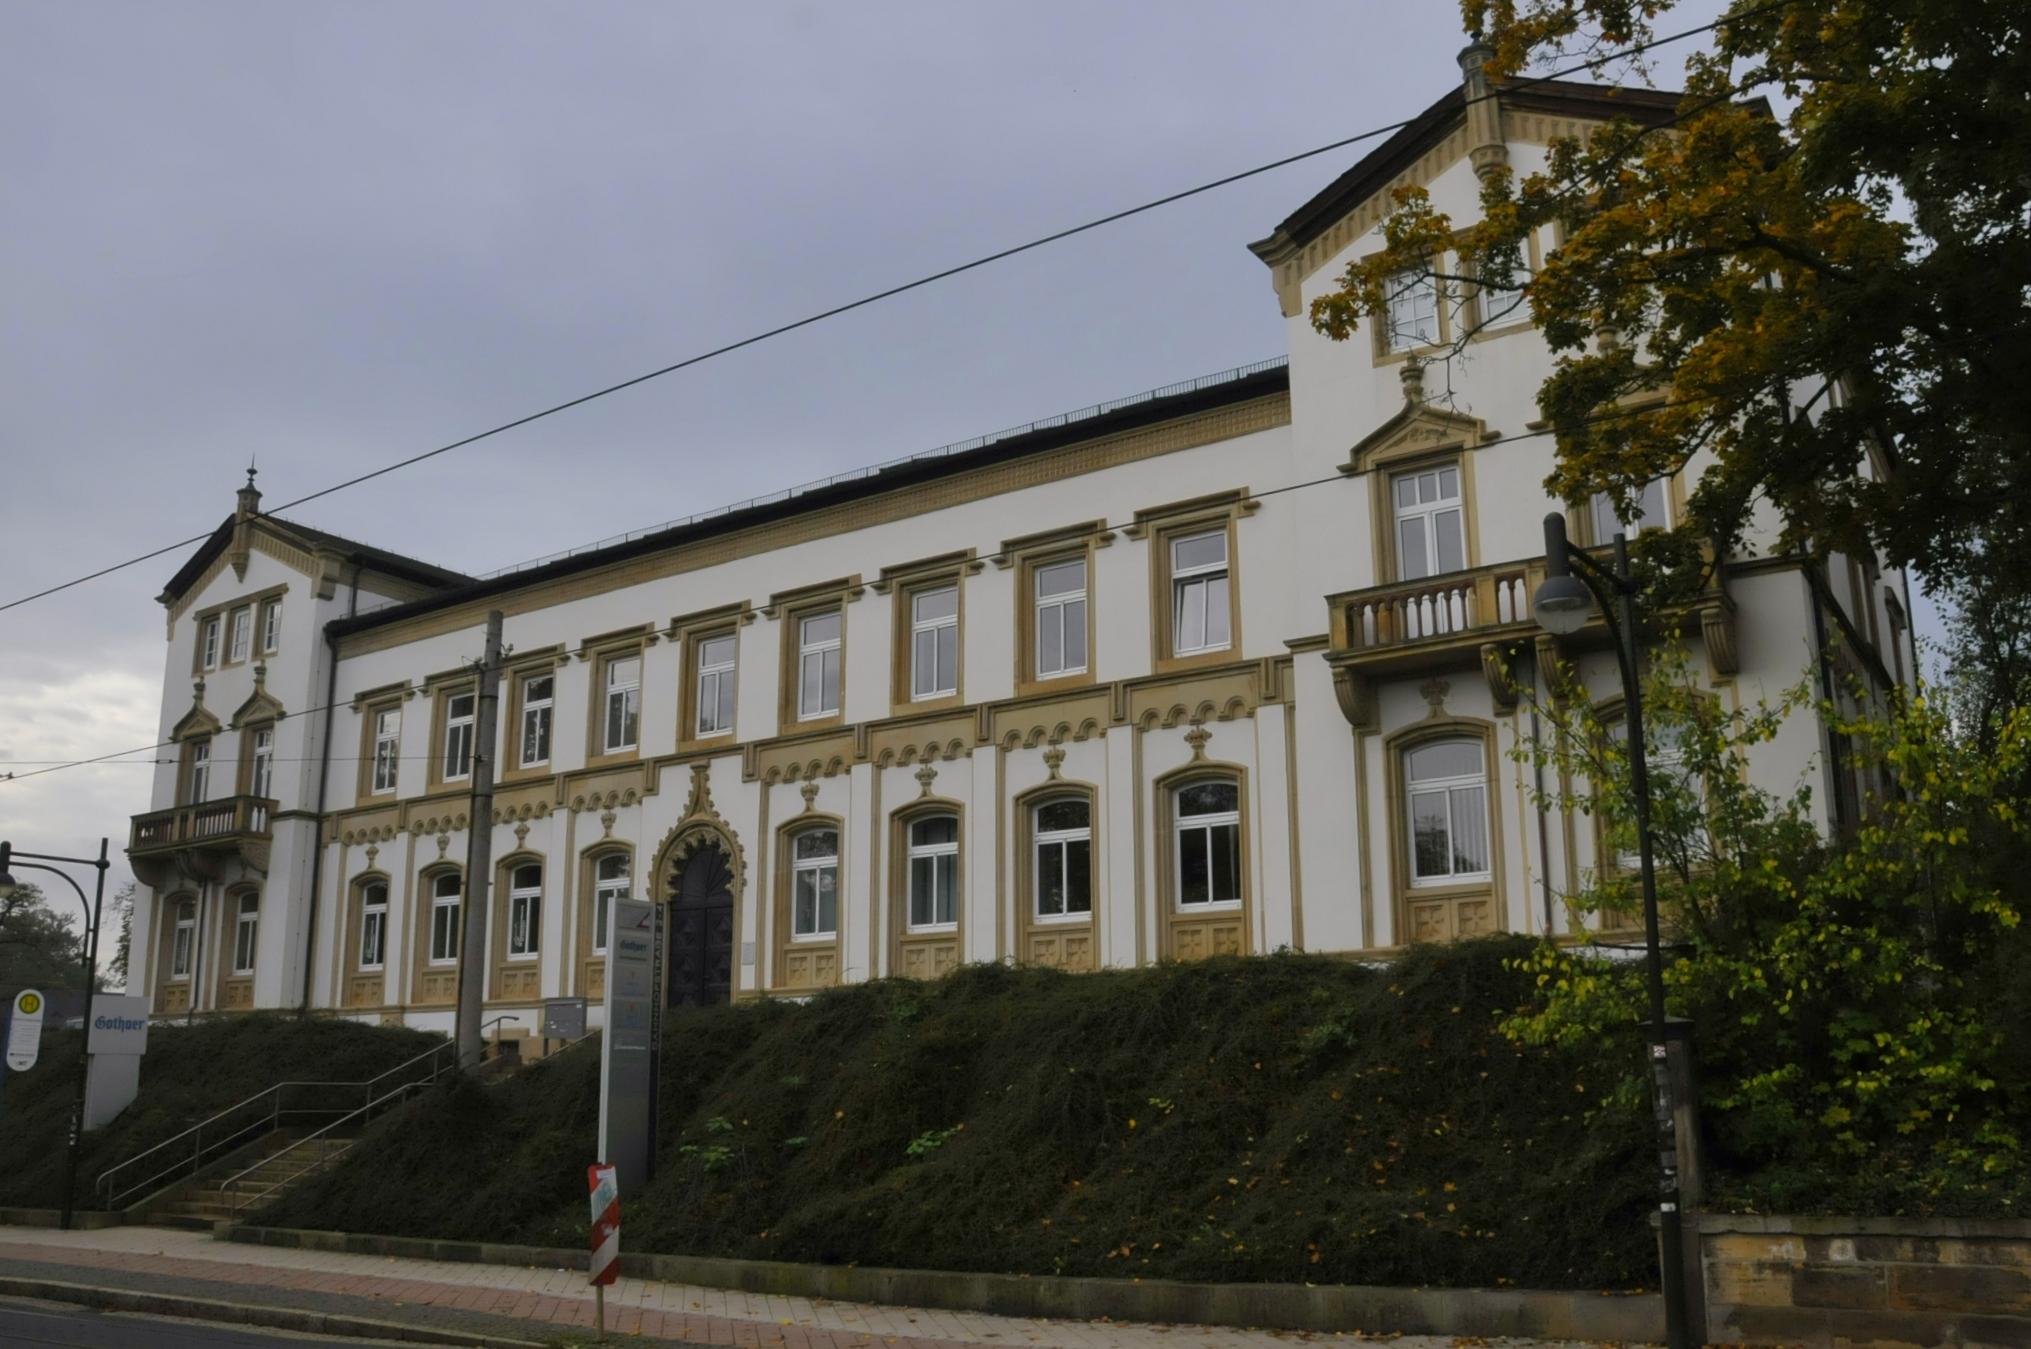 FileGotha Bahnhofstrasse 2 4 CTHJPG